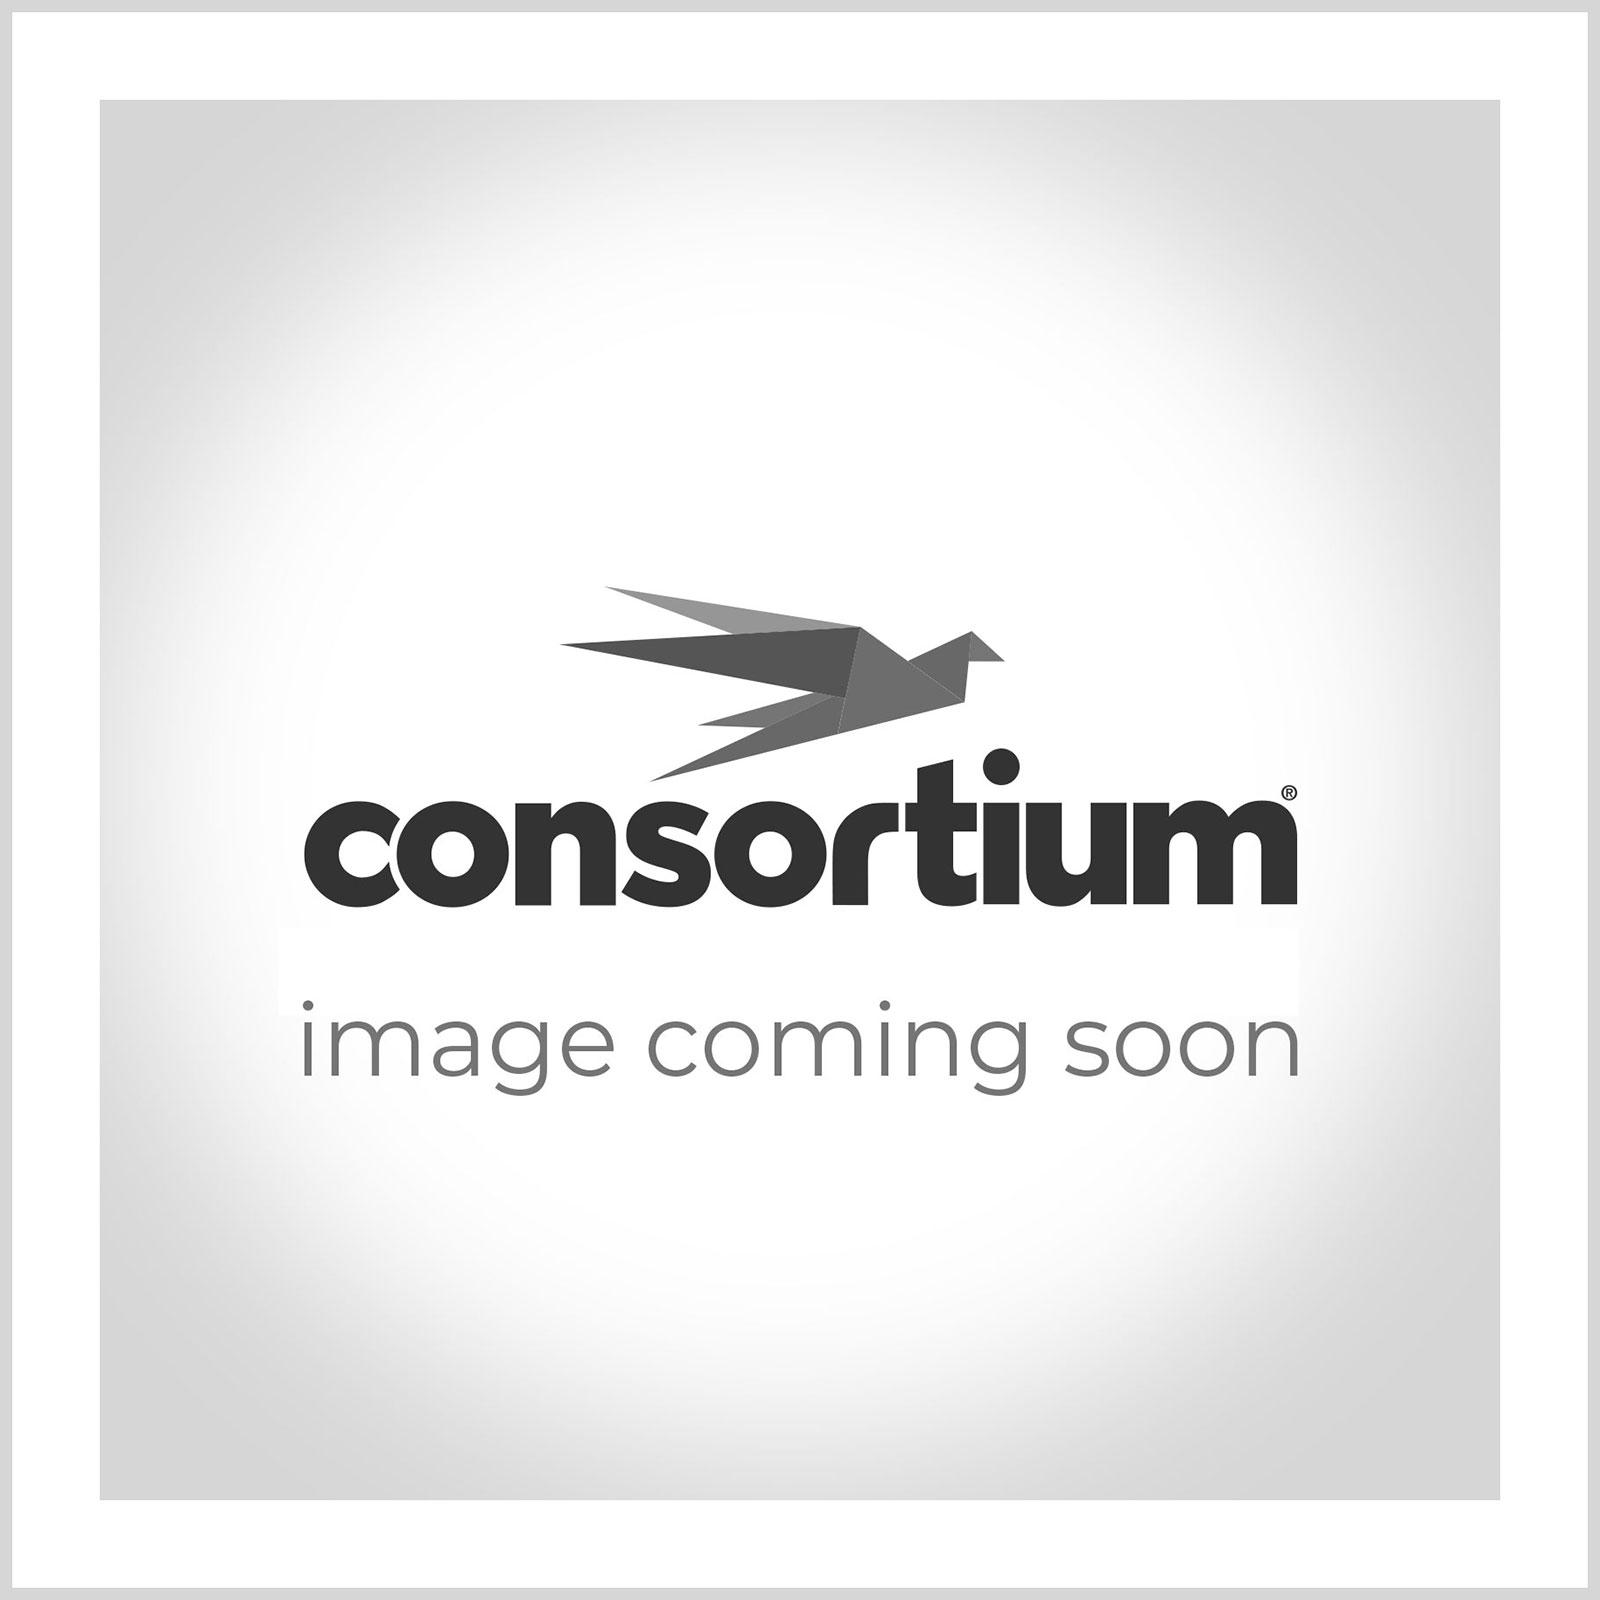 Consortium Marbled Box Files